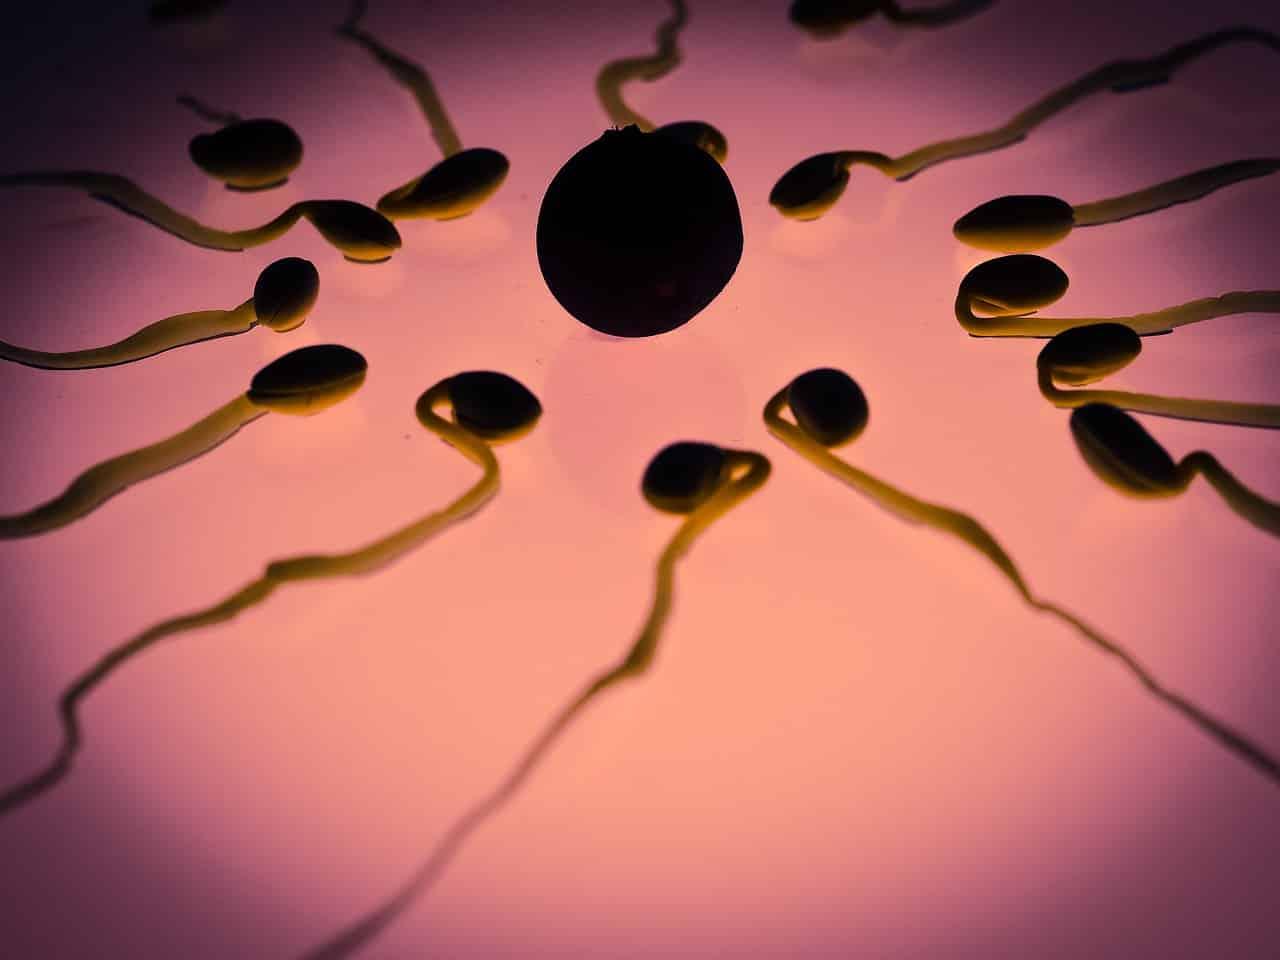 Des spermatozoïdes autour d'un ovule